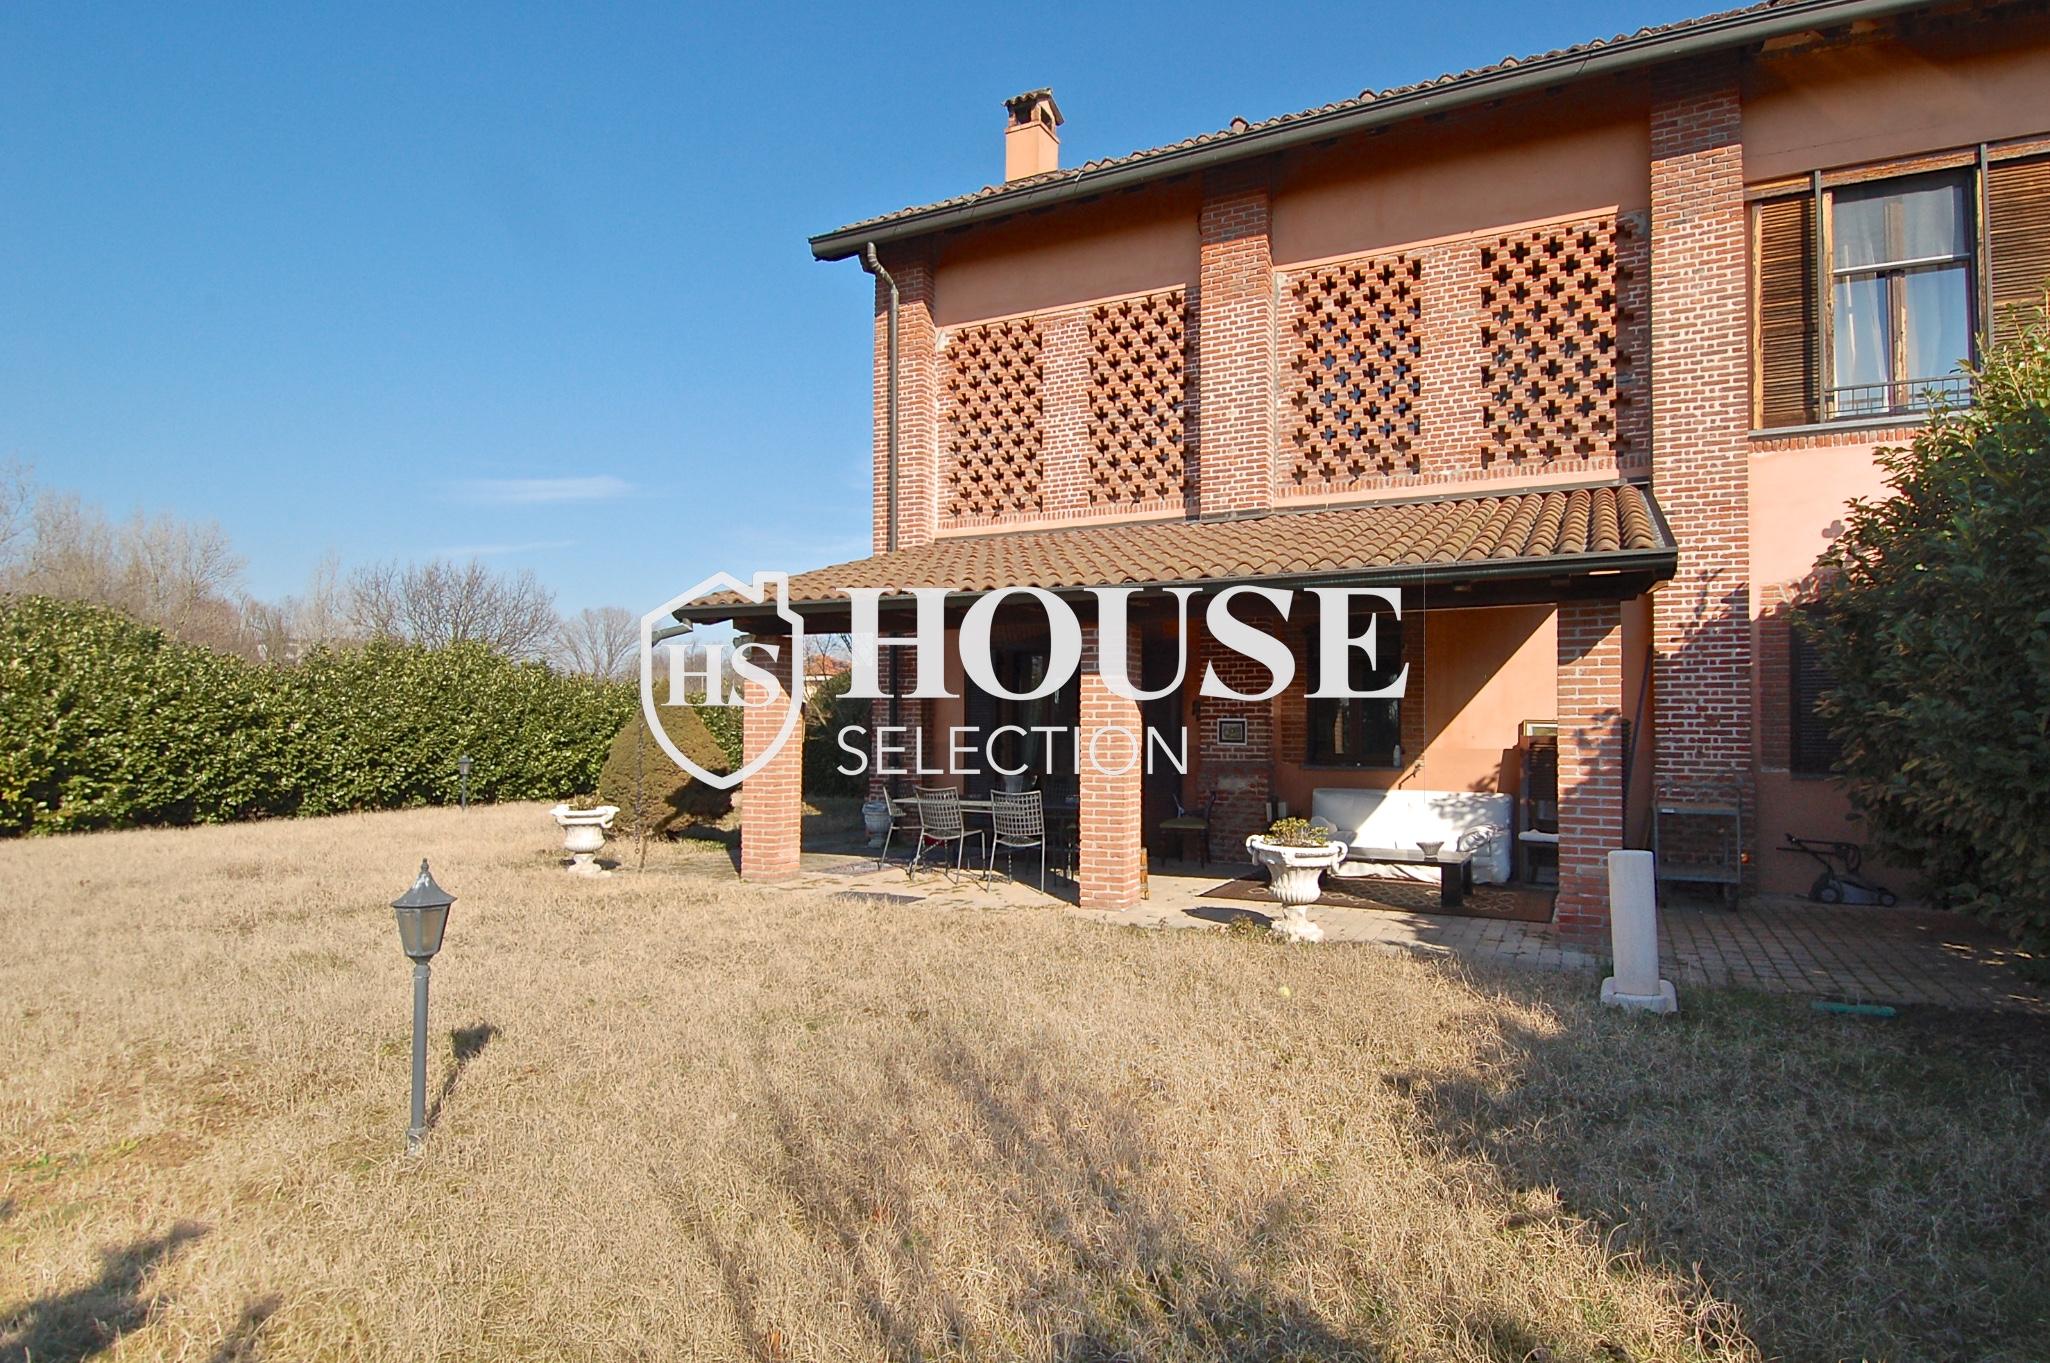 Affitto villa Basiglio, con giardino, ristrutturata, aria condizionata, corte interna, box auto, Milano 14